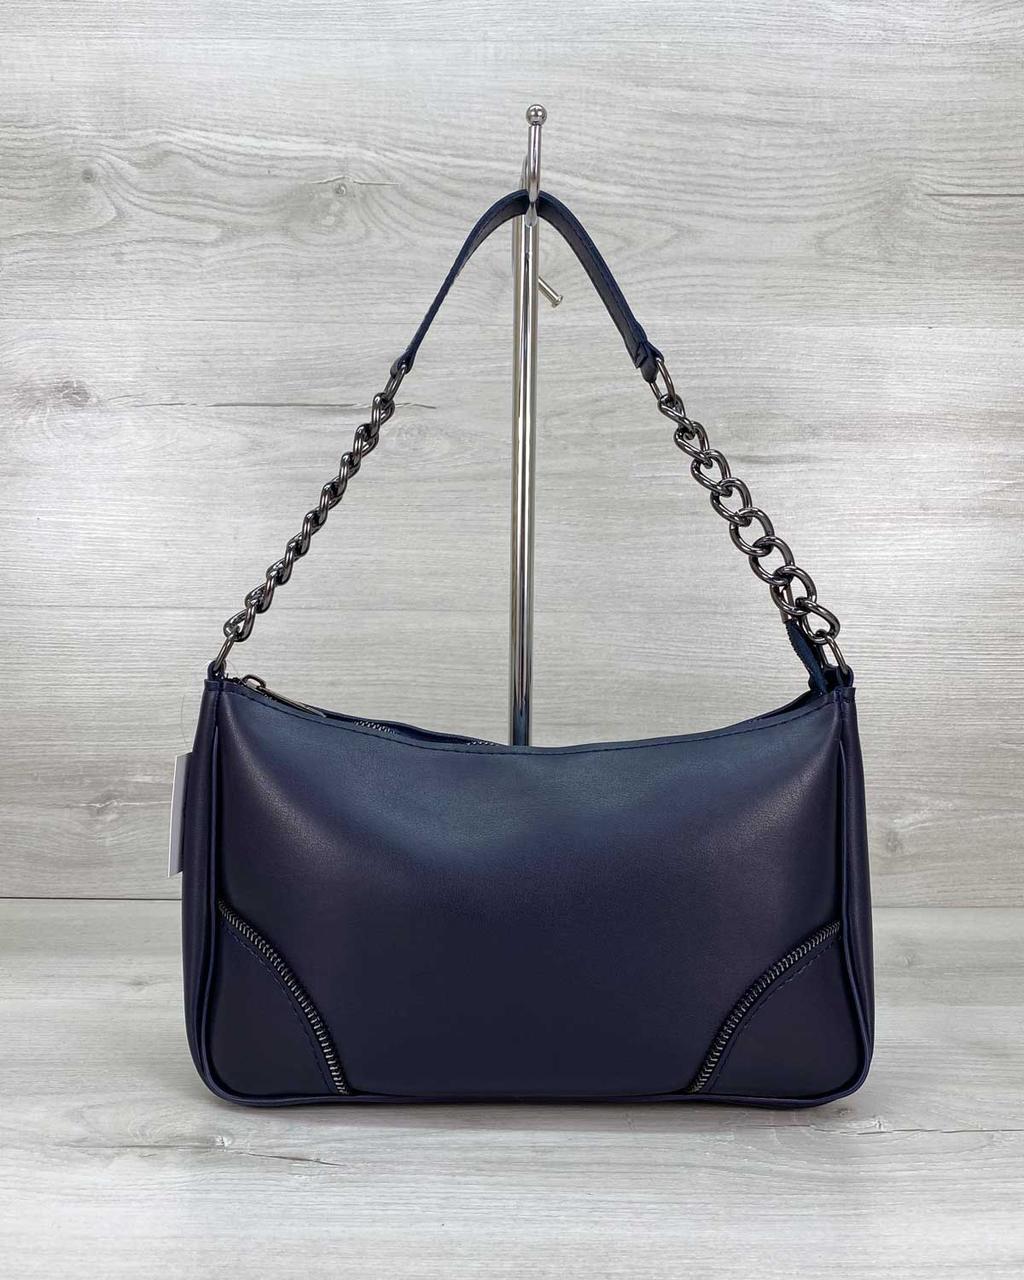 Стильная женская сумка клатч, стильный клатч, женская сумочка «Луна» темно синяя